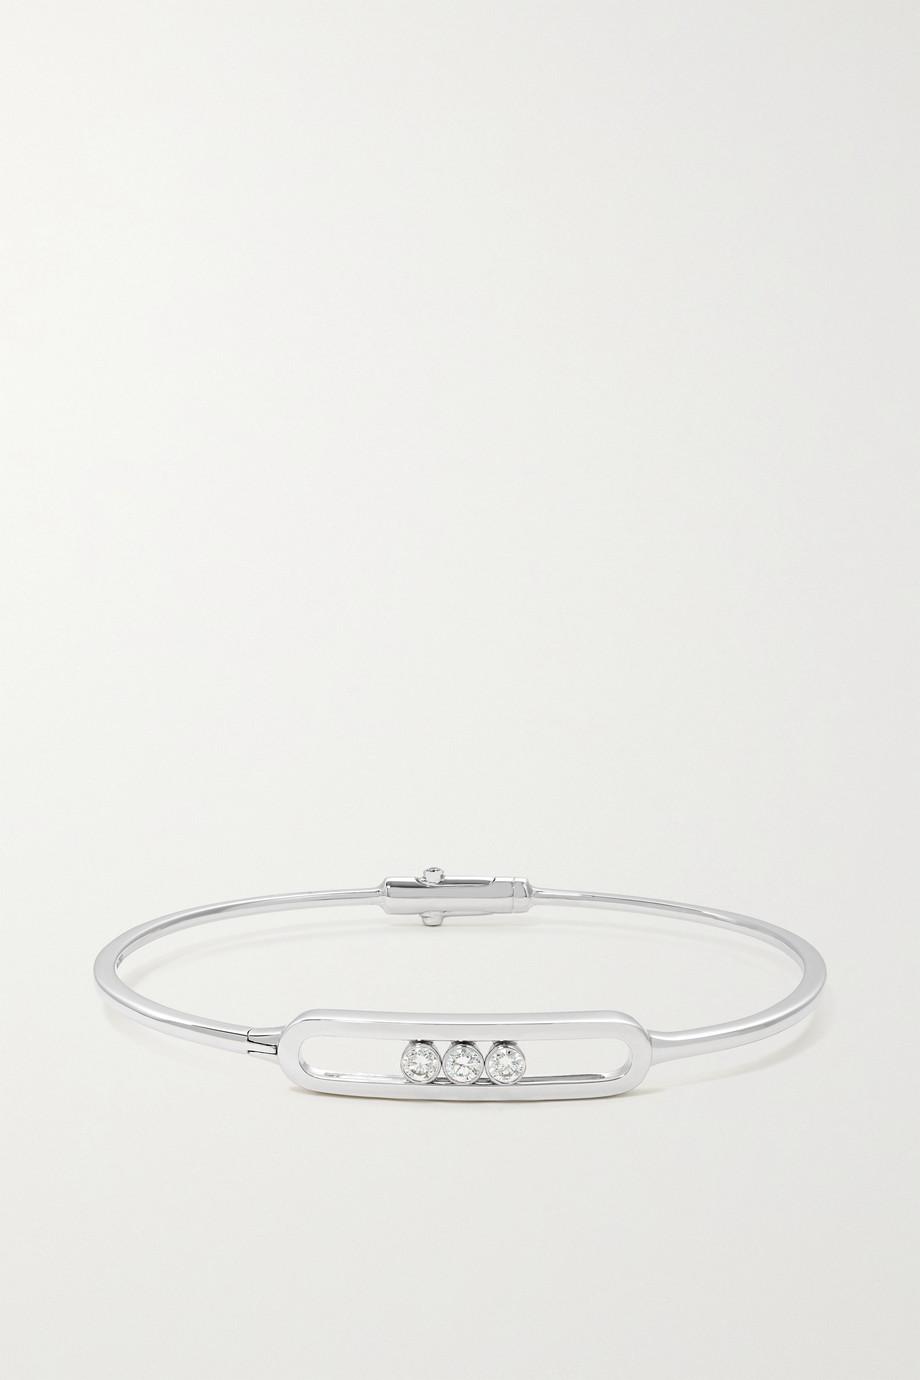 Messika Bracelet en or blanc 18 carats (750/1000) et diamants Move